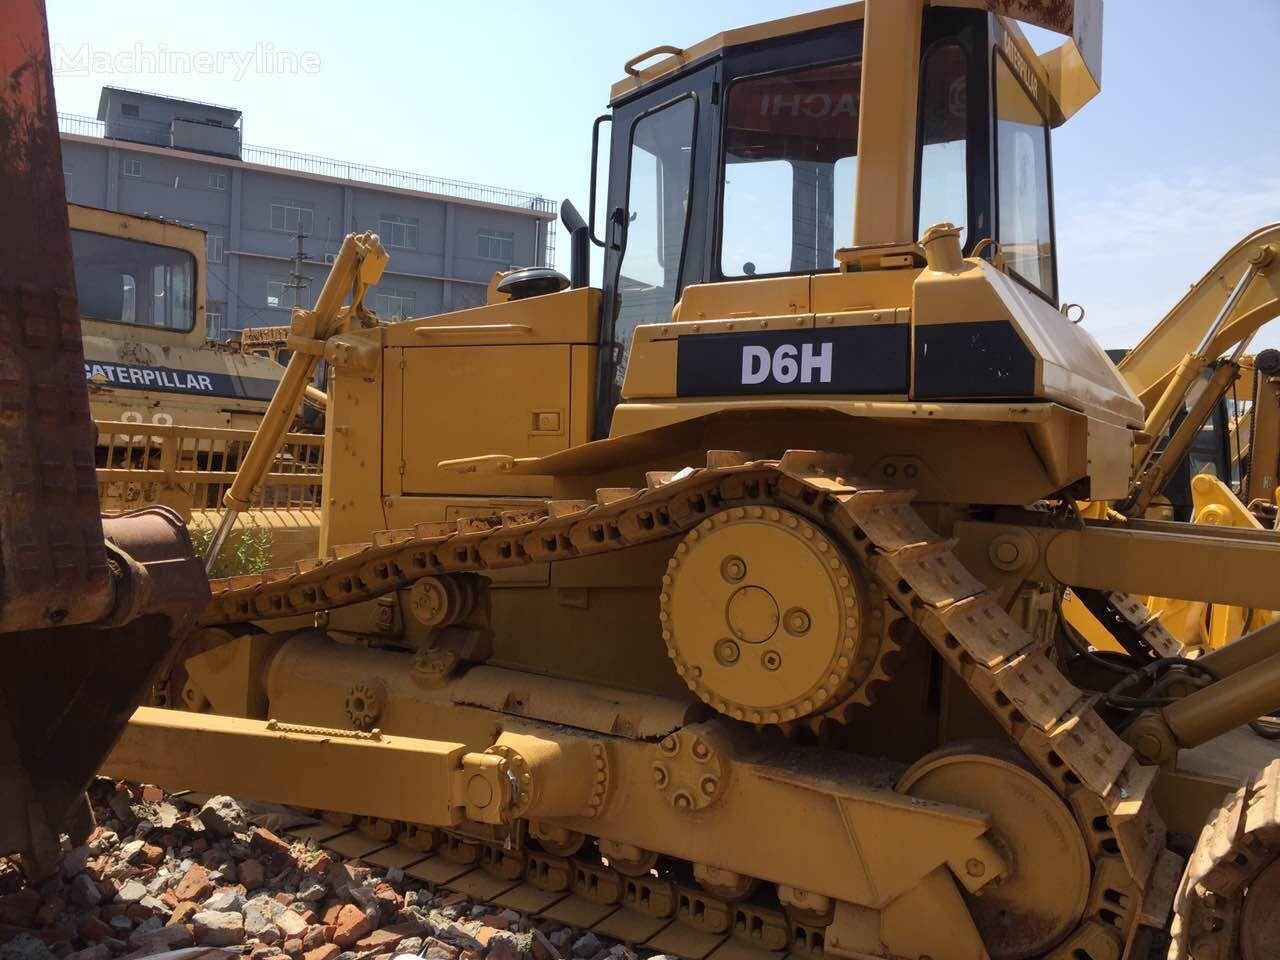 CATERPILLAR D6H  bulldozer